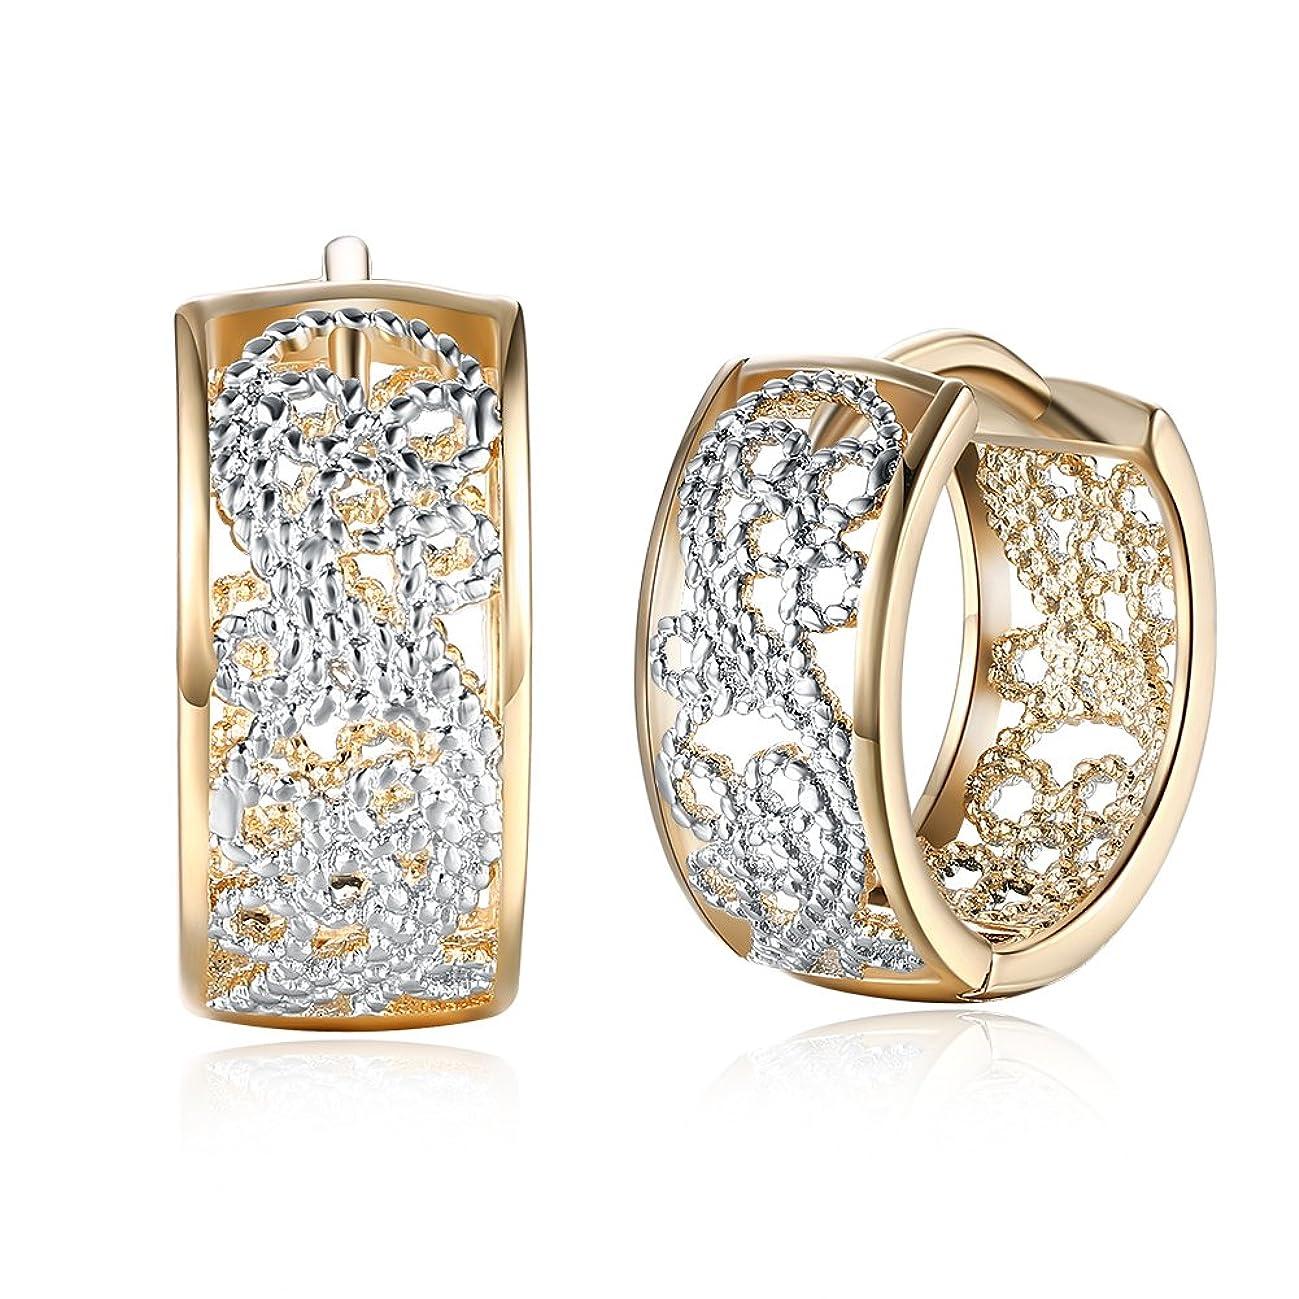 Dainty 14K Gold Silver Wide Filigree Hoop Earrings for Womens Girls Sensitive Ears Fashion Texture Flower Huggie Hoops Hypoallergenic